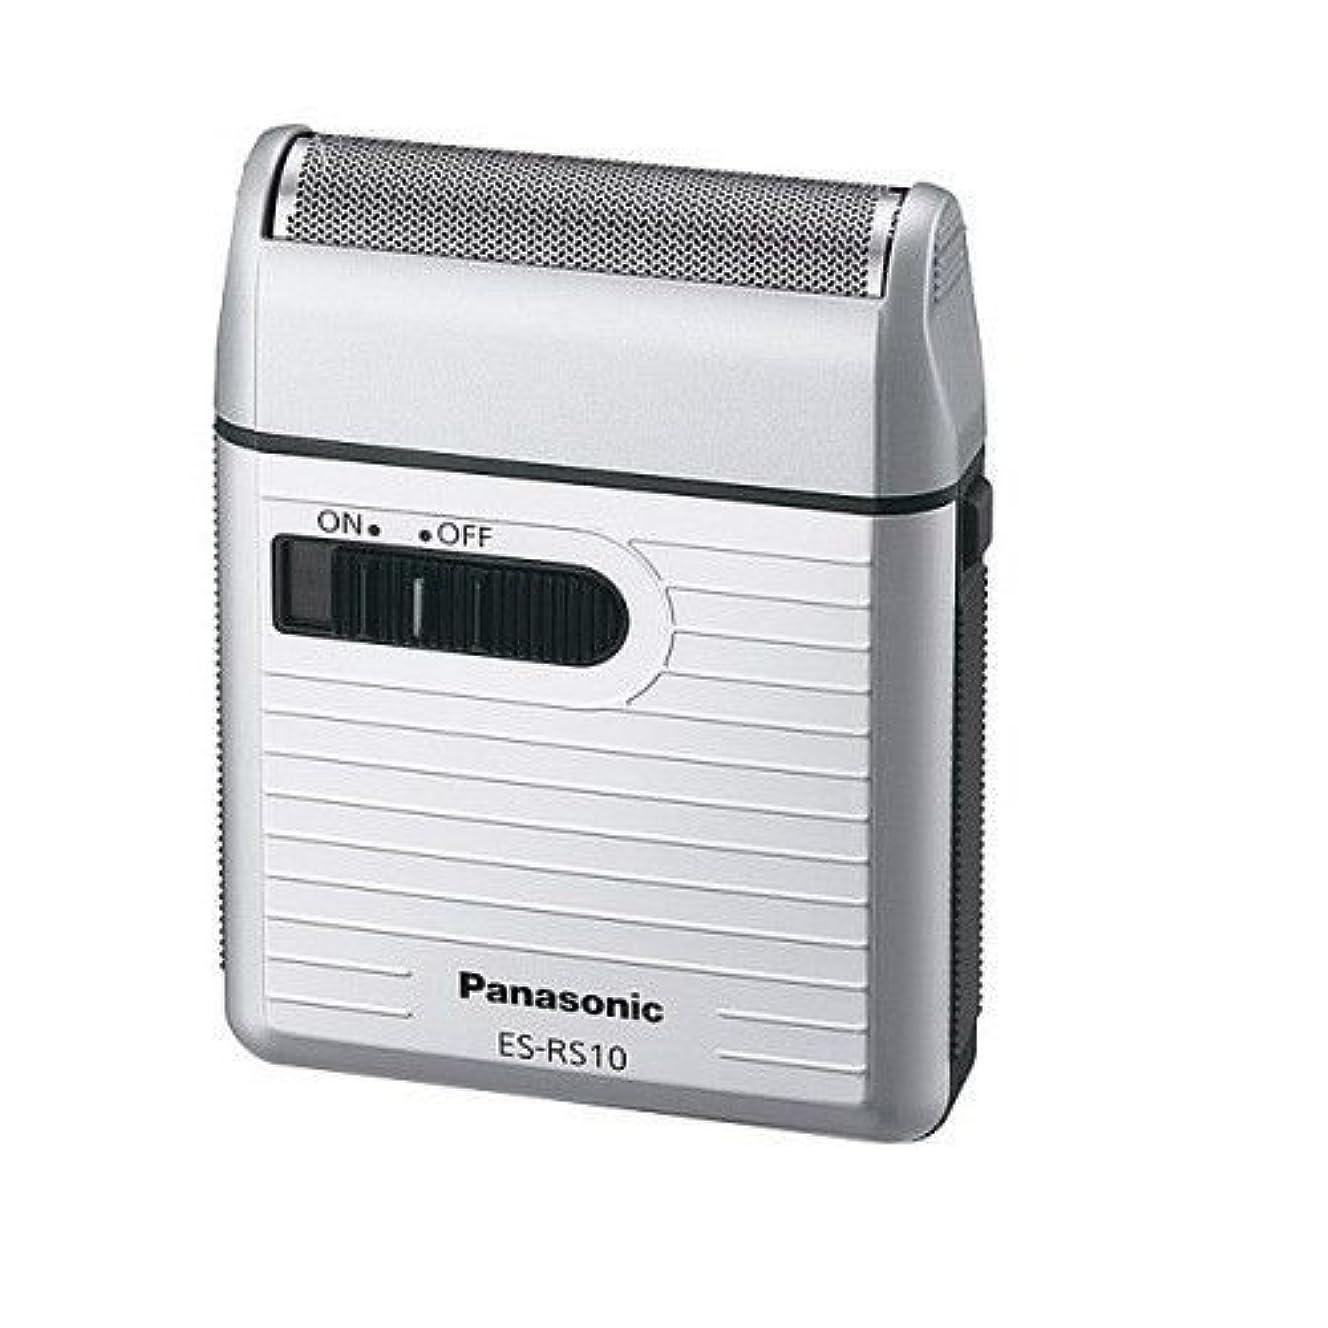 間に合わせ音声令状Panasonic ES-RS10-S ンズポケットシェーバーシルバー ESRS10 日本製 [並行輸入品]